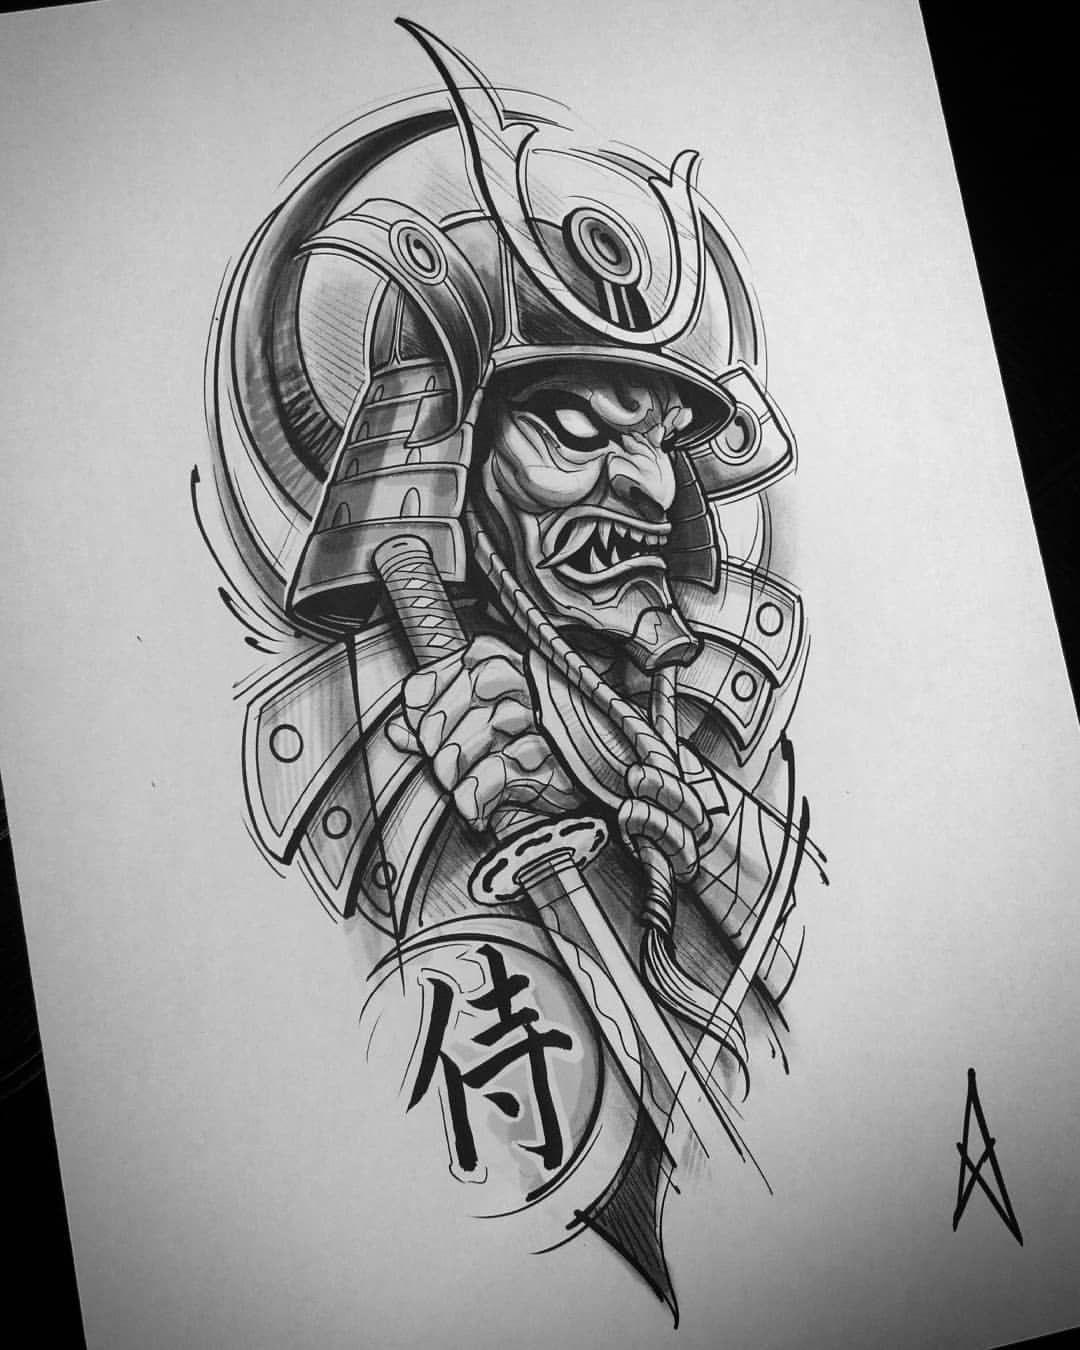 Japanese Tattoo Clipart Http Viraltattoo Net Japanese Tattoo Clipart Html In 2020 Samurai Tattoo Design Samurai Tattoo Samurai Tattoo Sleeve